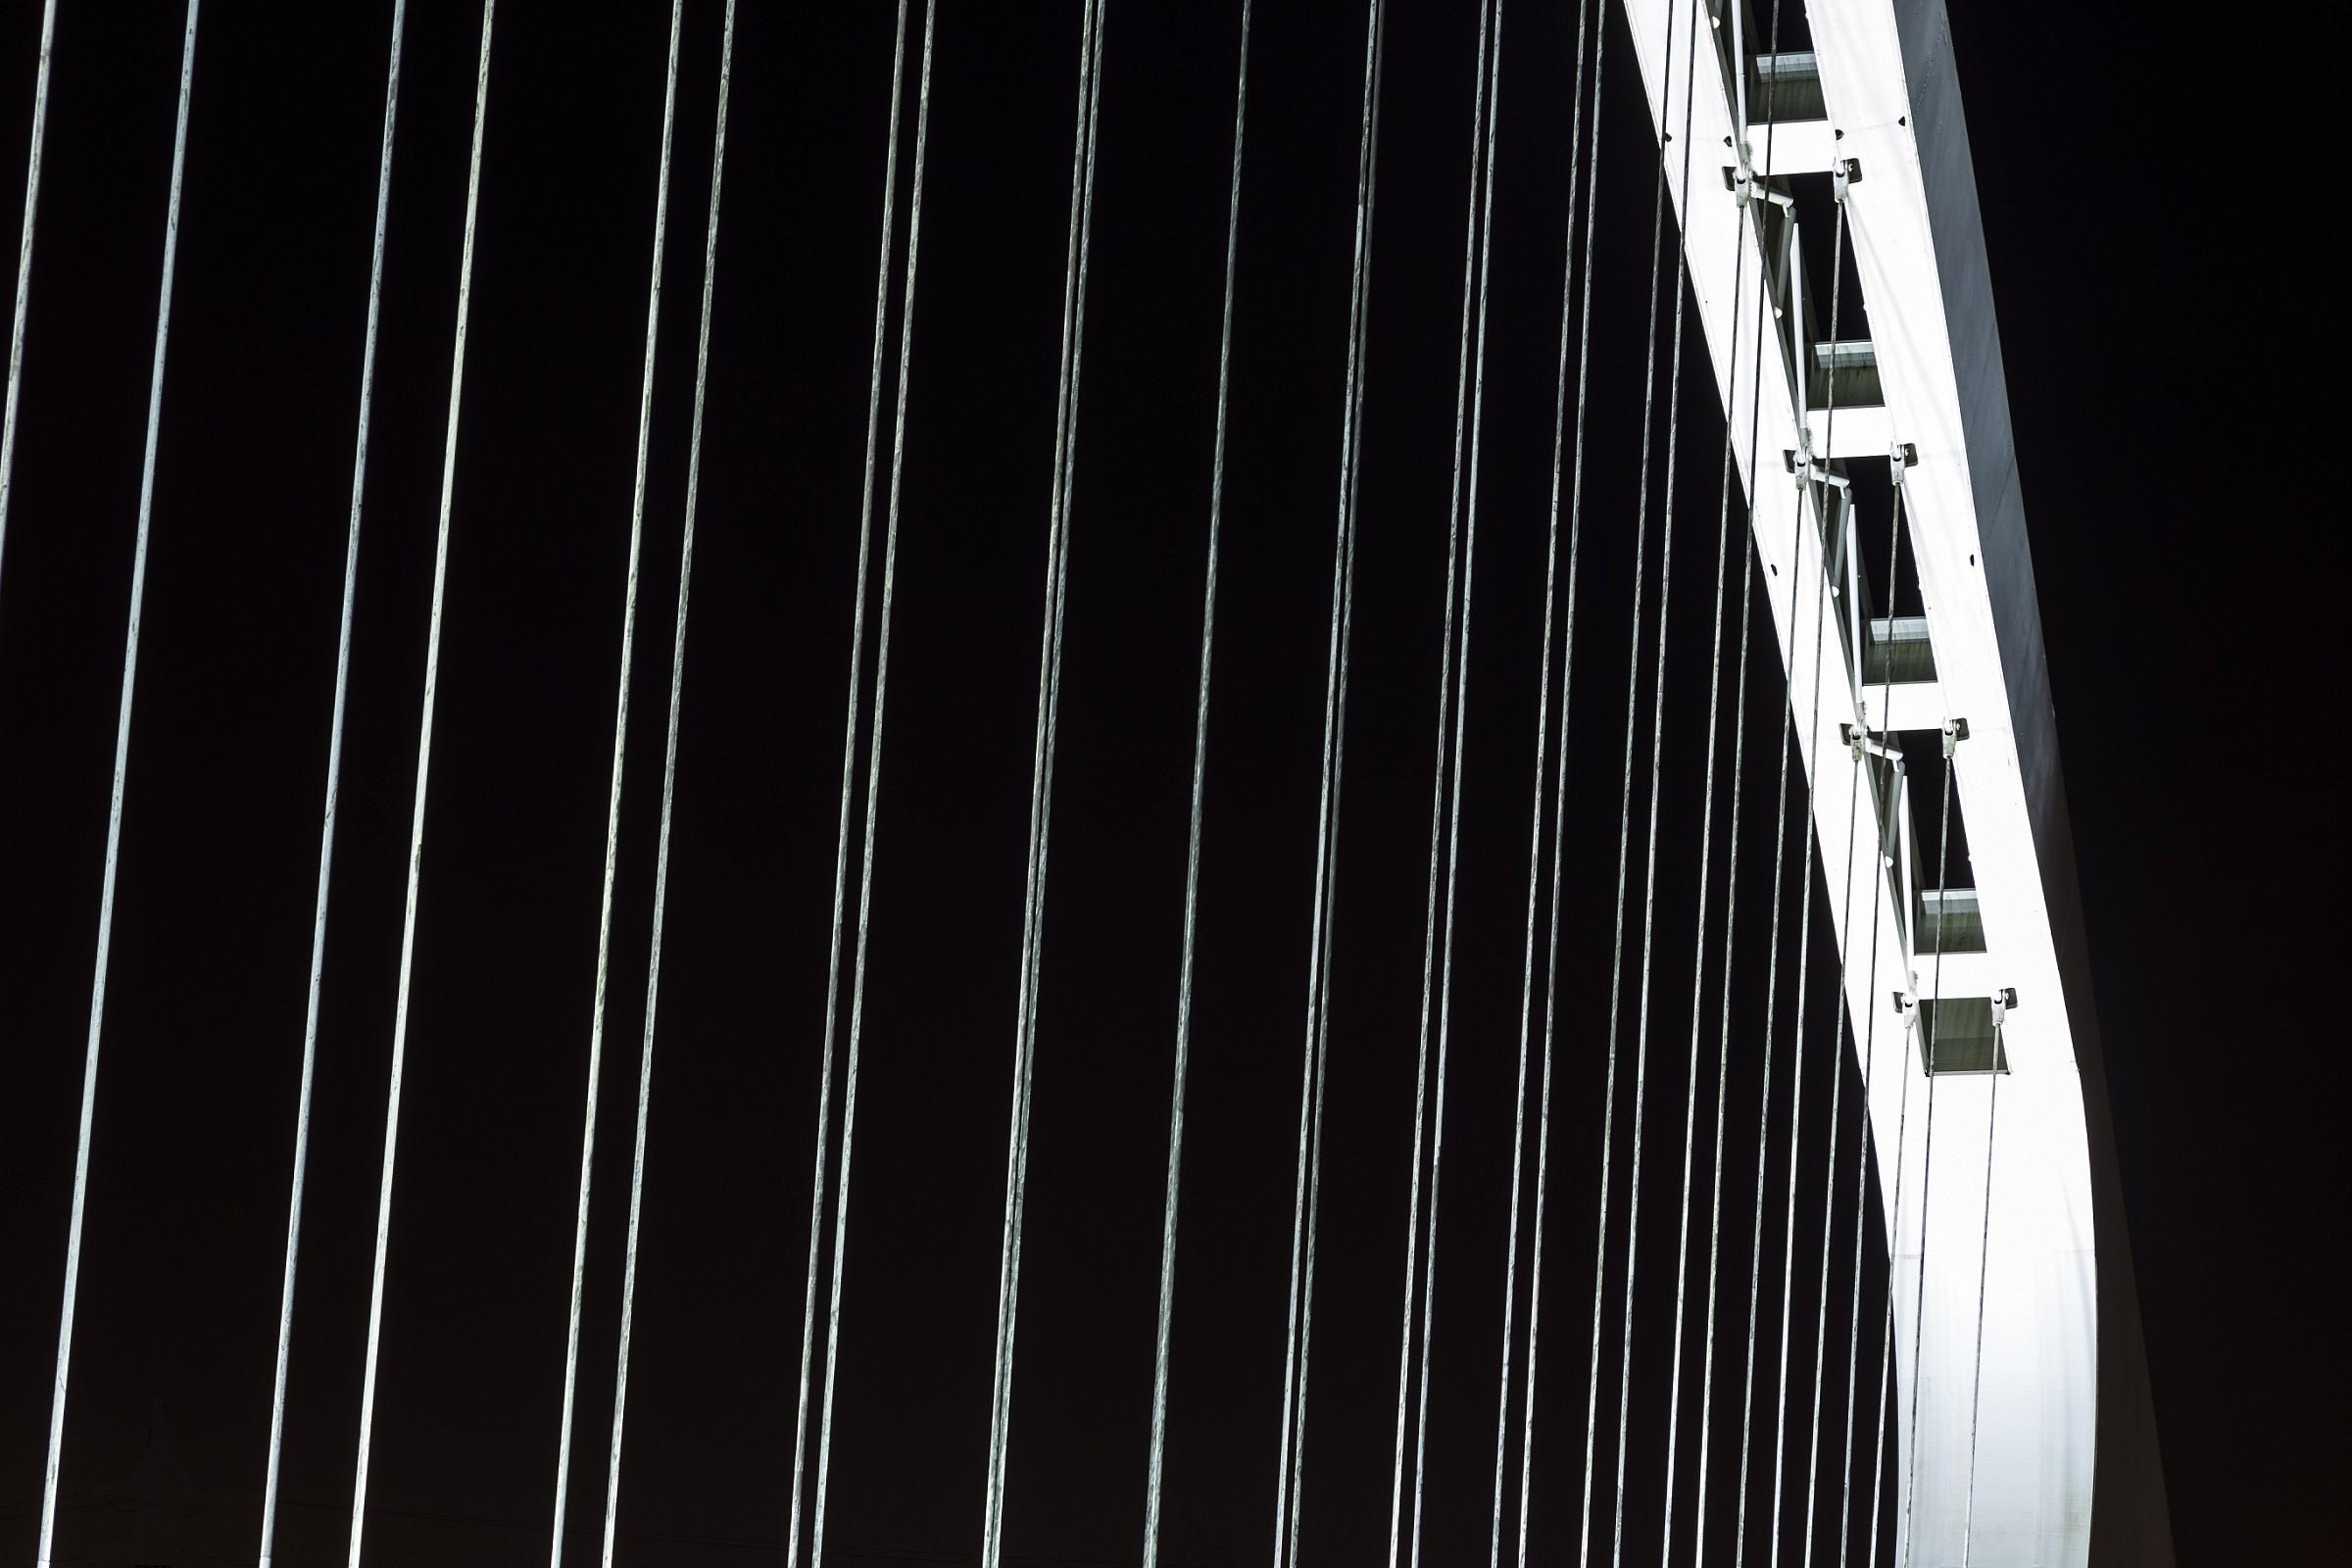 L'arco del ponte di Calatrava - Reggio Emilia...